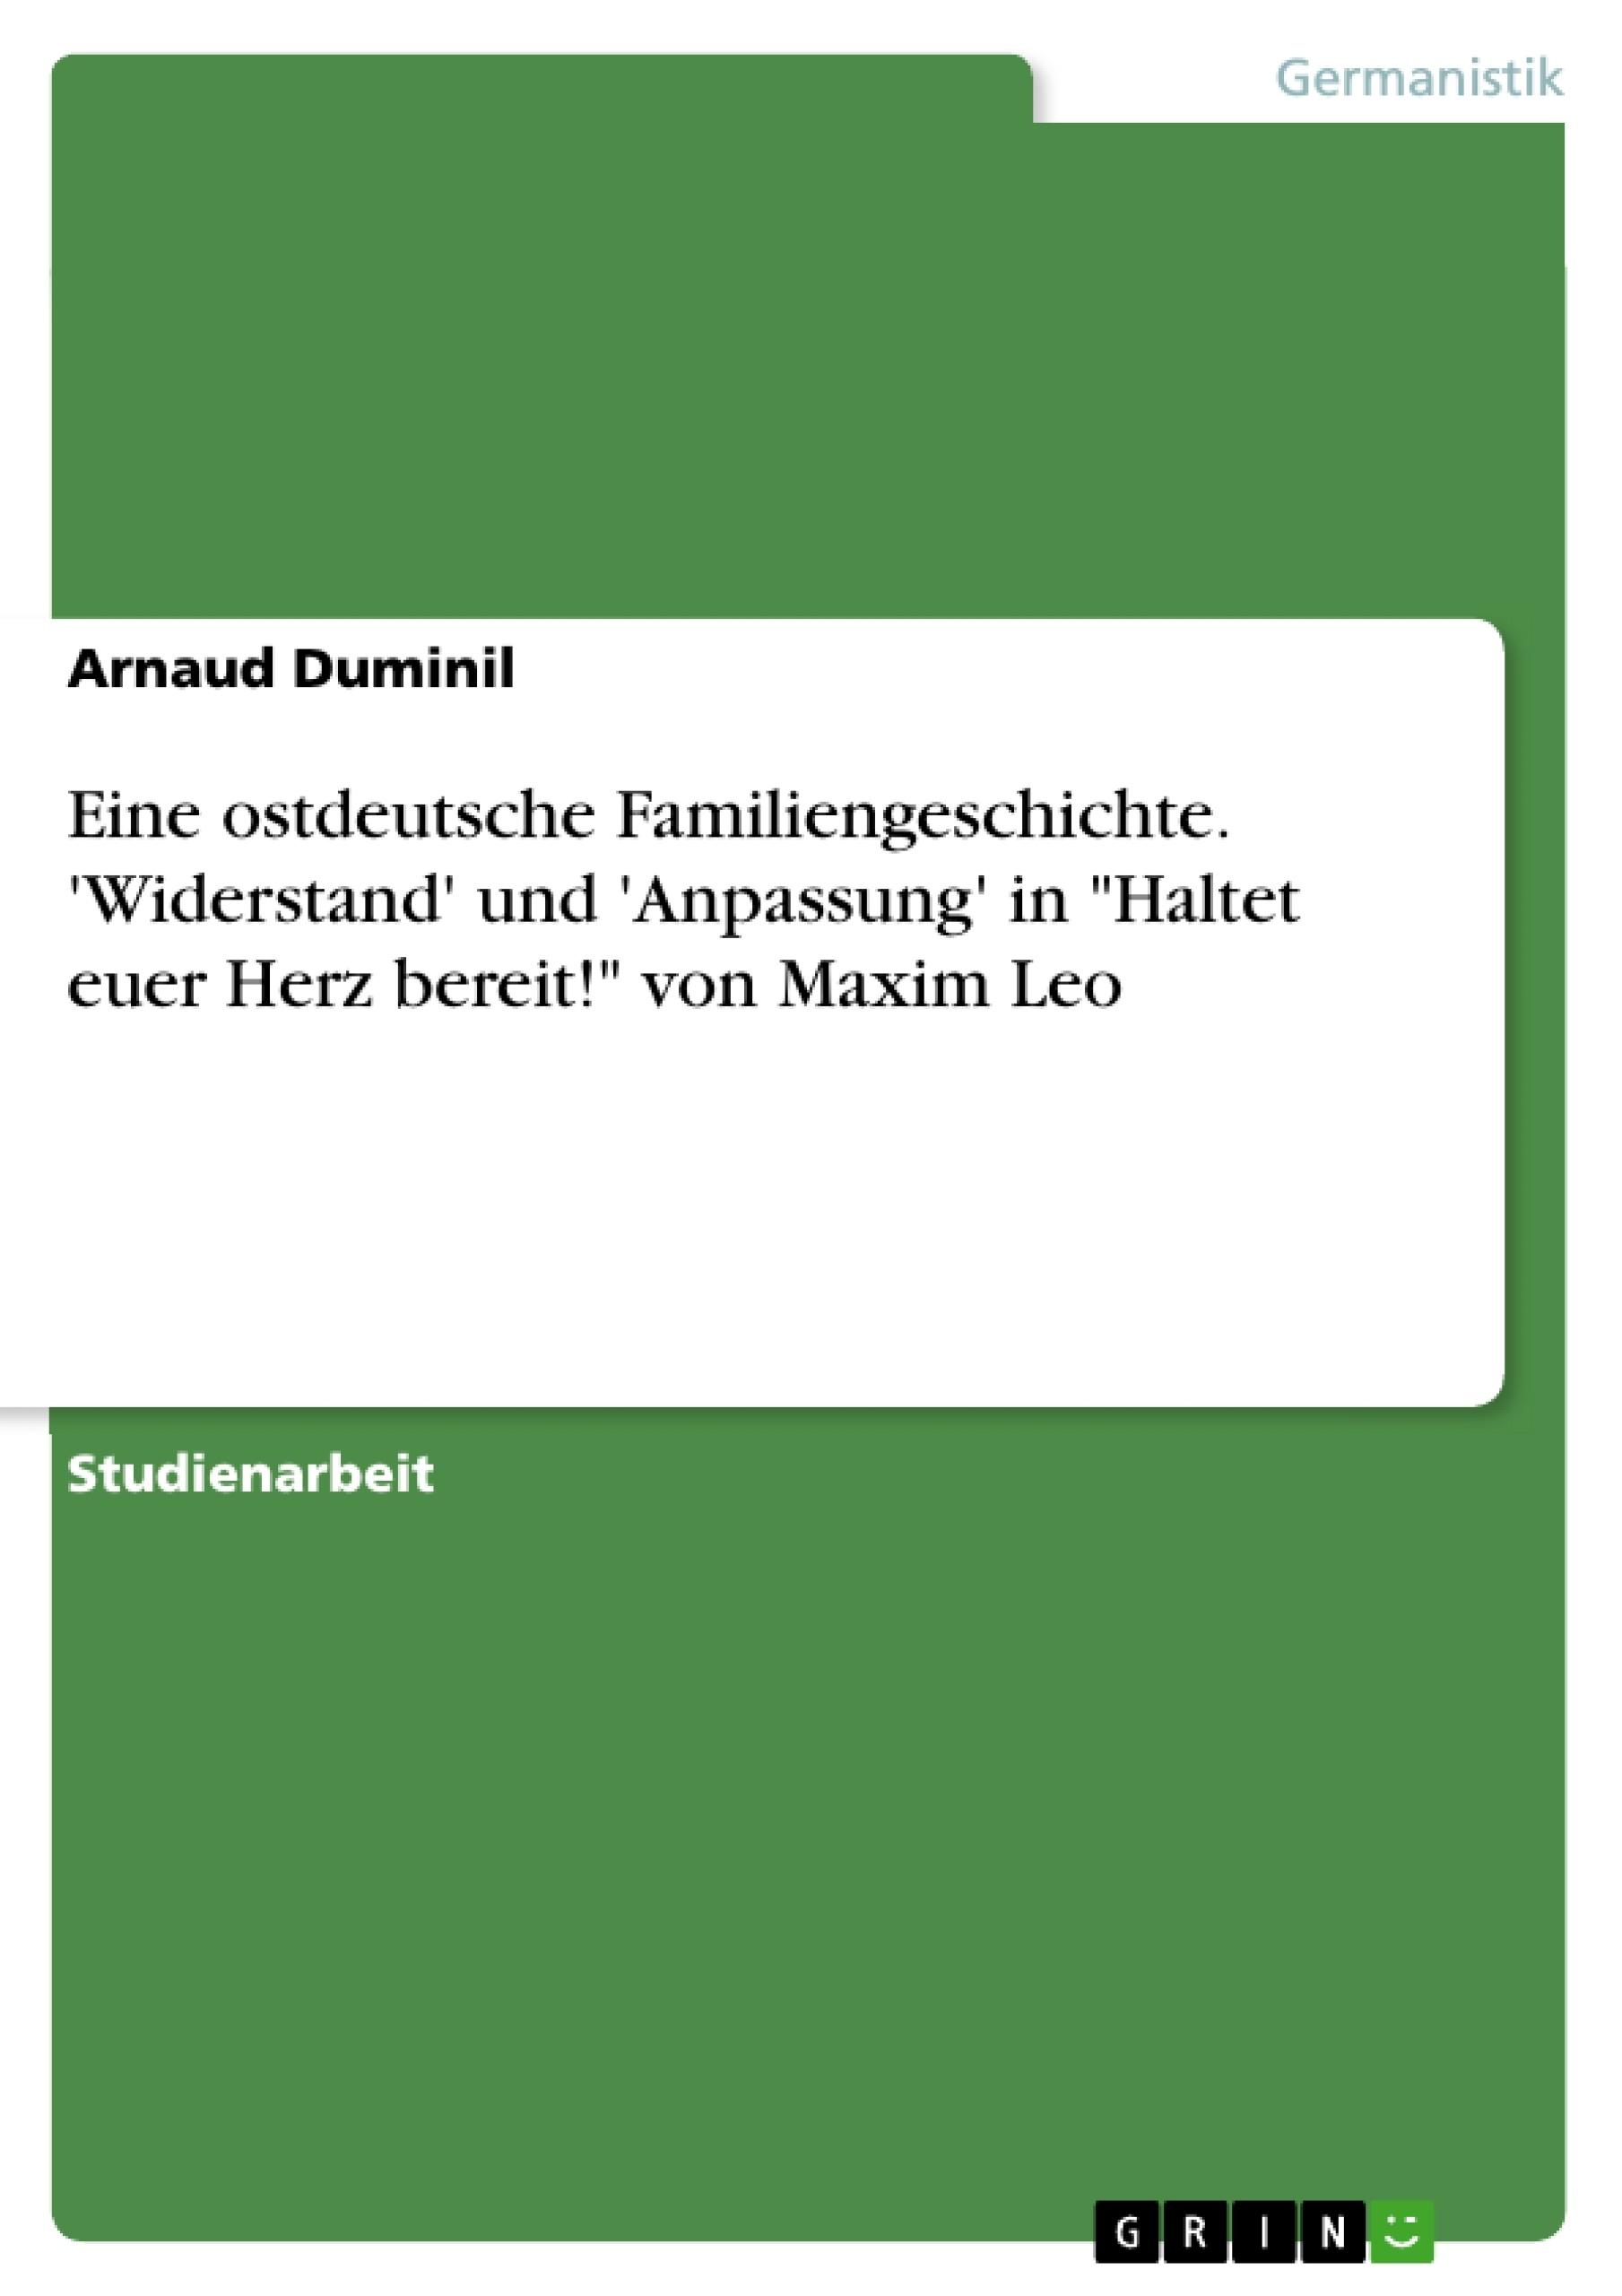 """Titel: Eine ostdeutsche Familiengeschichte. 'Widerstand' und 'Anpassung' in """"Haltet euer Herz bereit!"""" von Maxim Leo"""